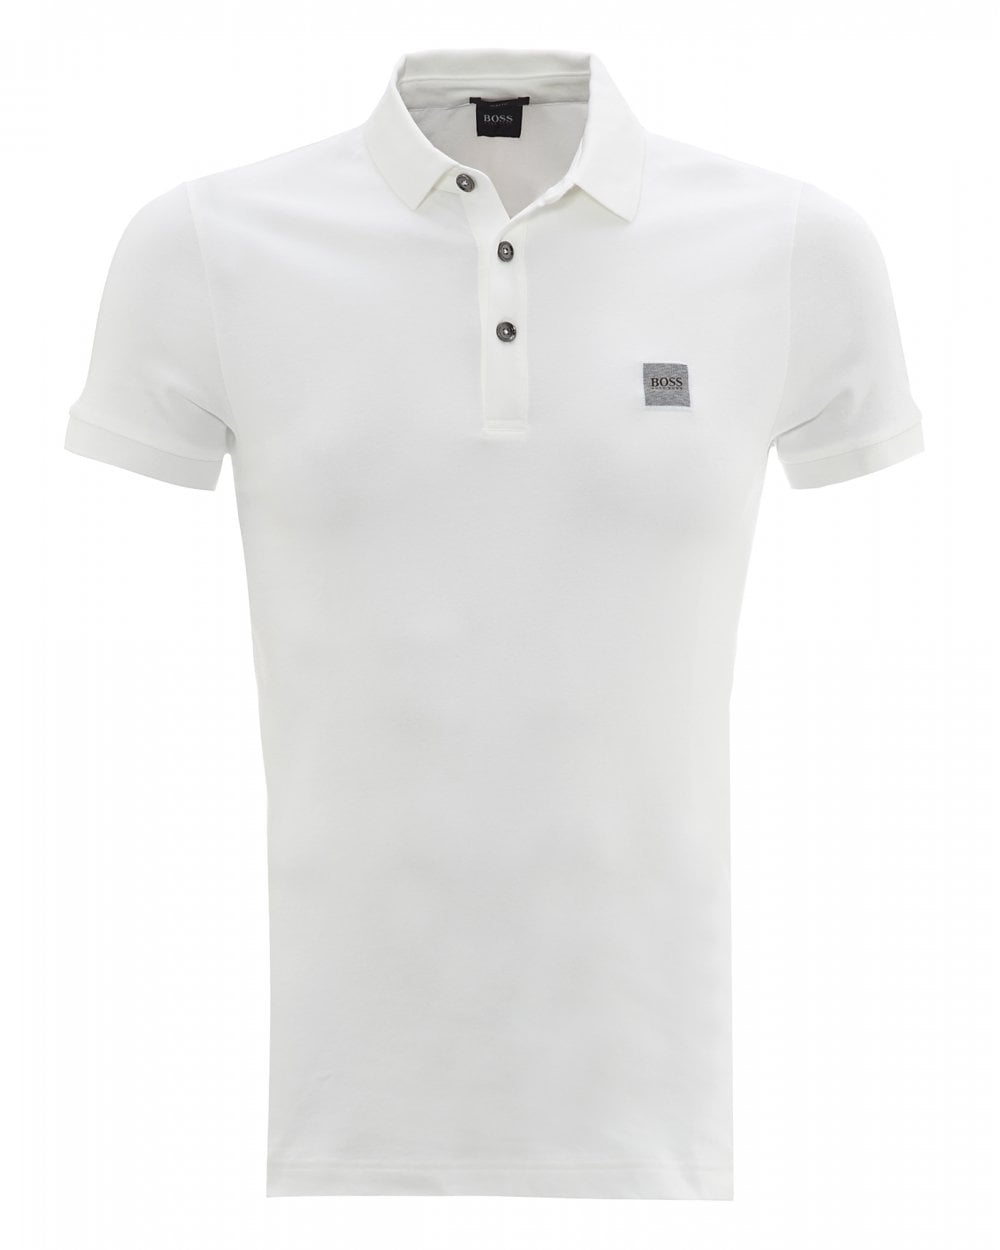 ab6ad99b BOSS Casual Mens Passenger White Slim Fit Polo Shirt